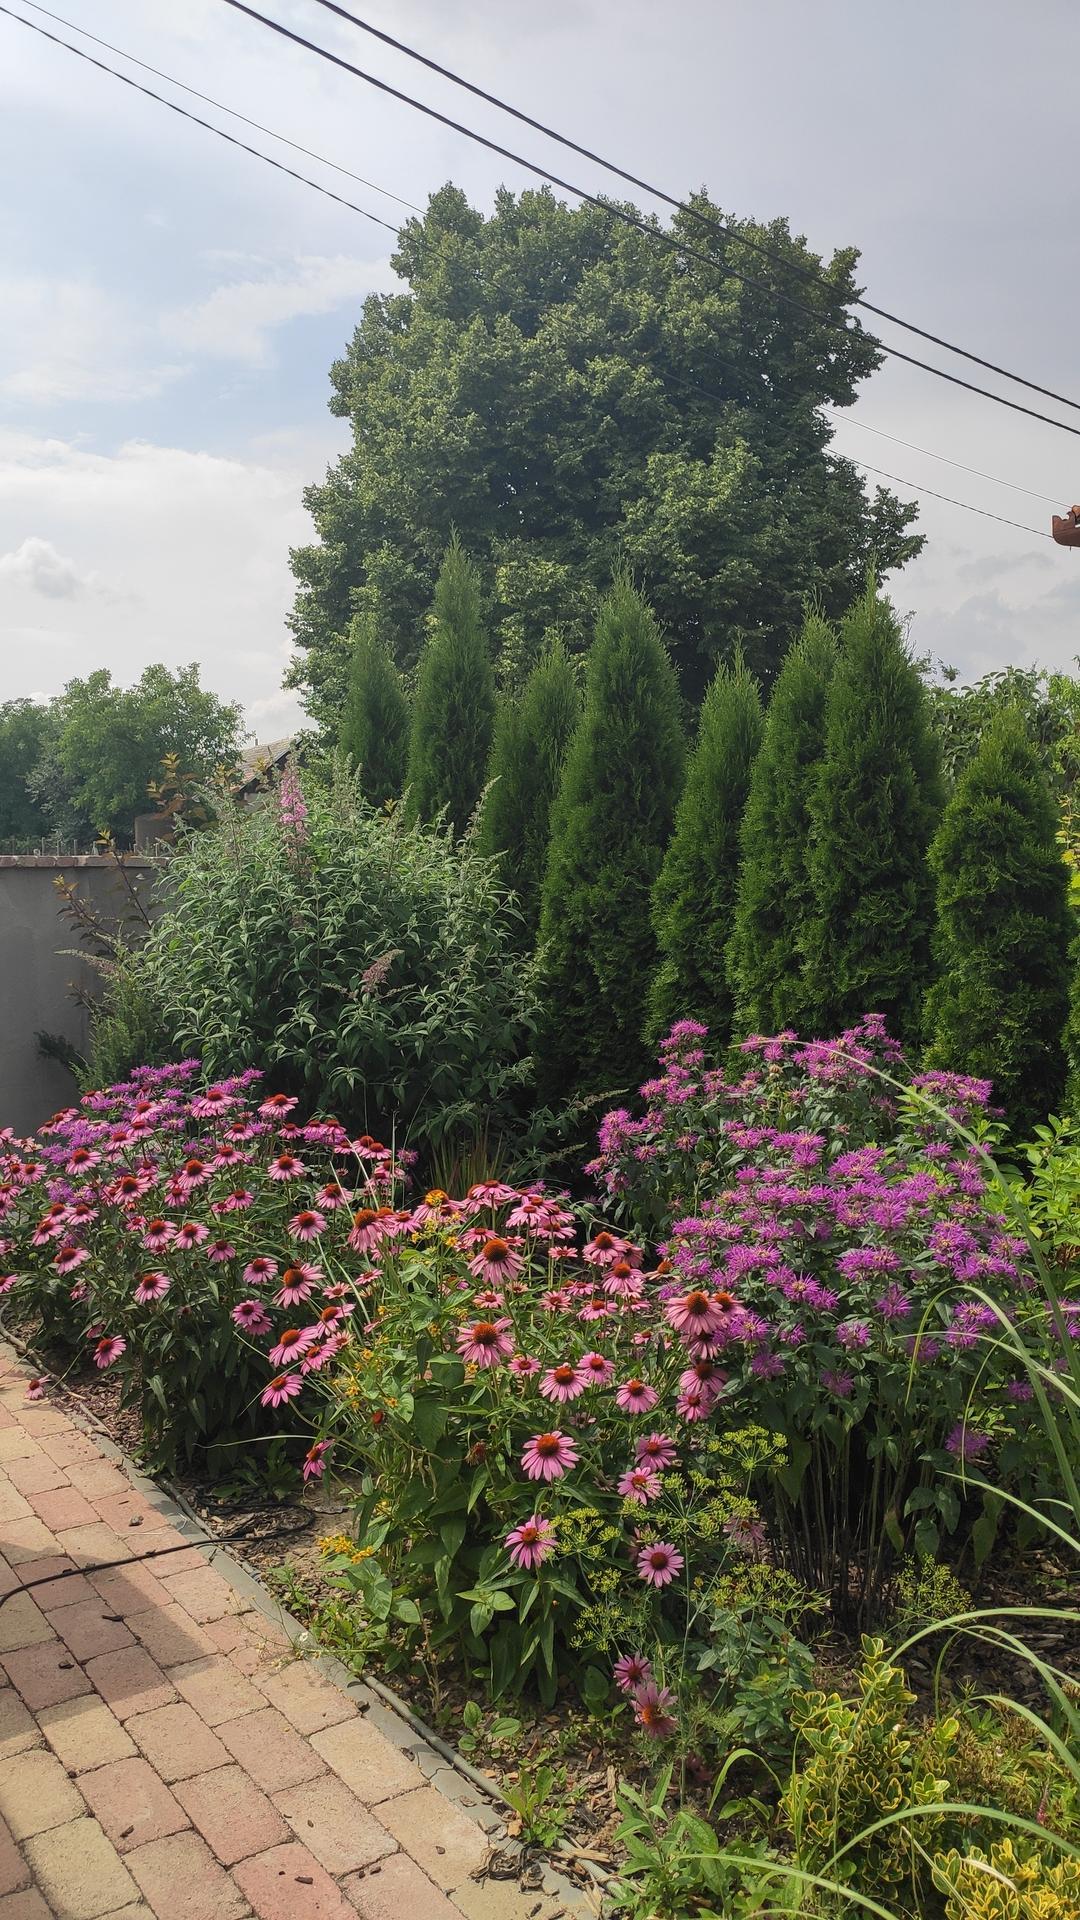 záhrada vidiecka, farebná rok 2021 - Obrázok č. 117